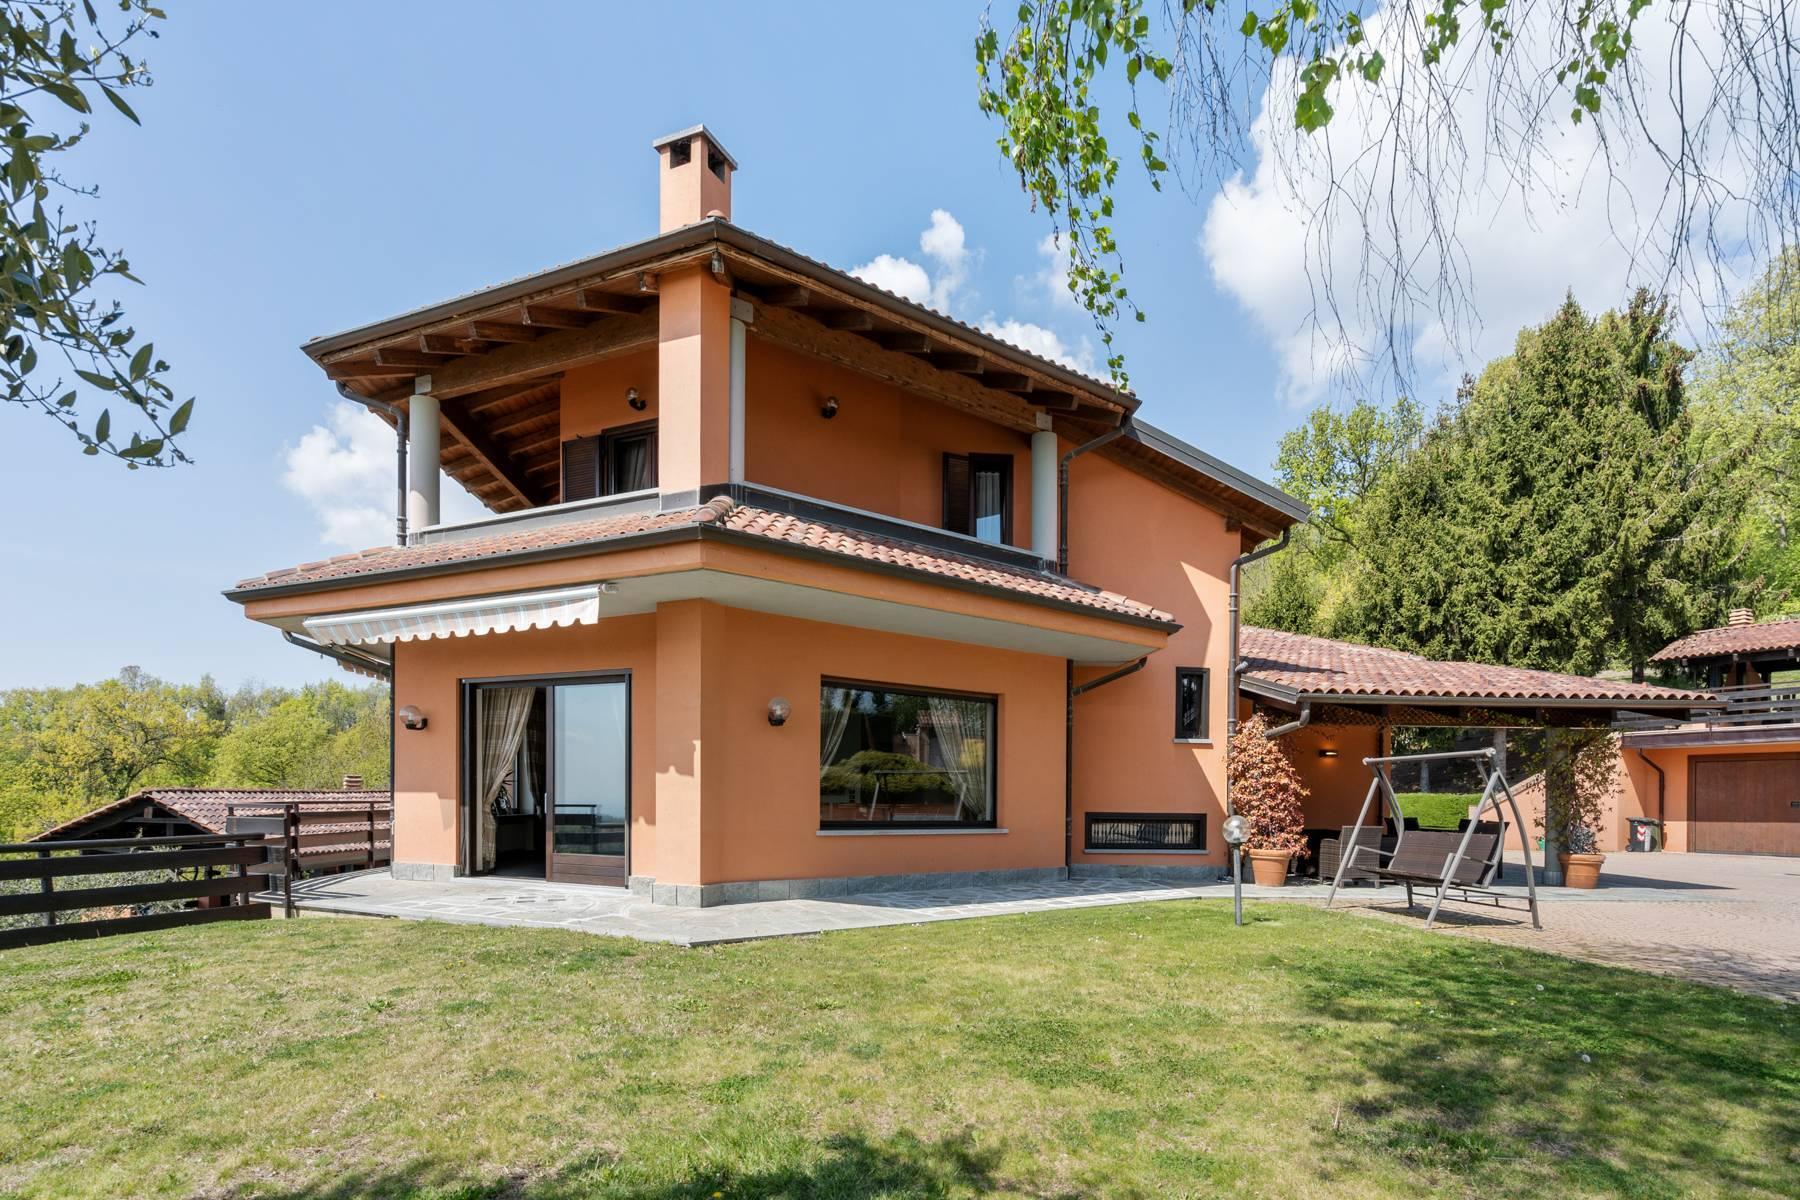 Villa moderna con giardino privato e piscina - 1